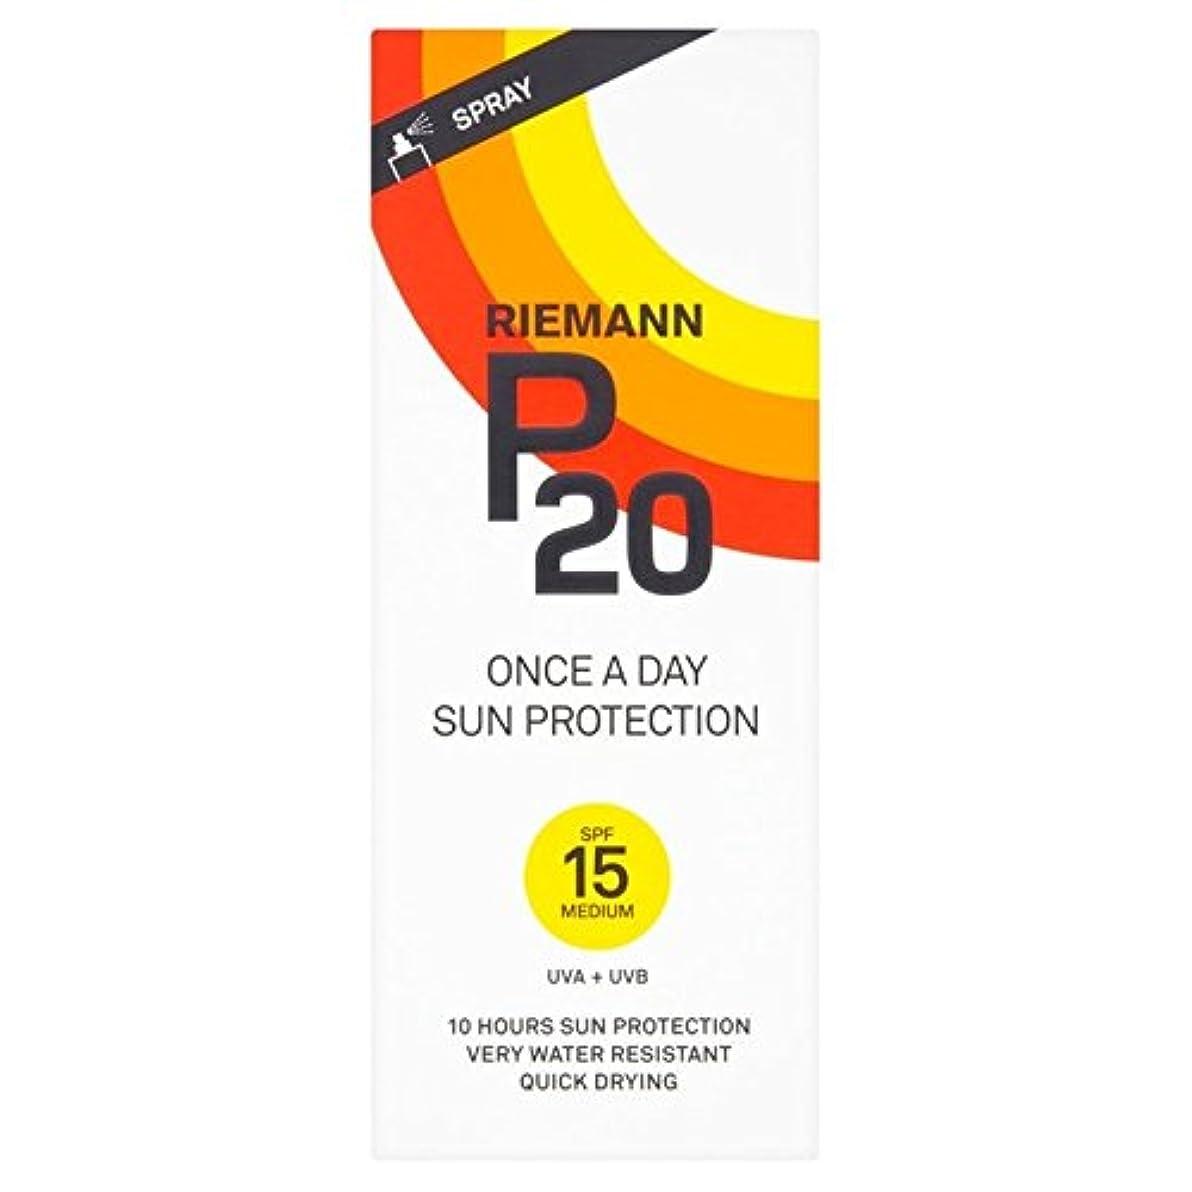 再編成するカメ結果リーマン20 15 1日/ 10時間の保護200ミリリットル x2 - Riemann P20 SPF15 1 Day/10 Hour Protection 200ml (Pack of 2) [並行輸入品]